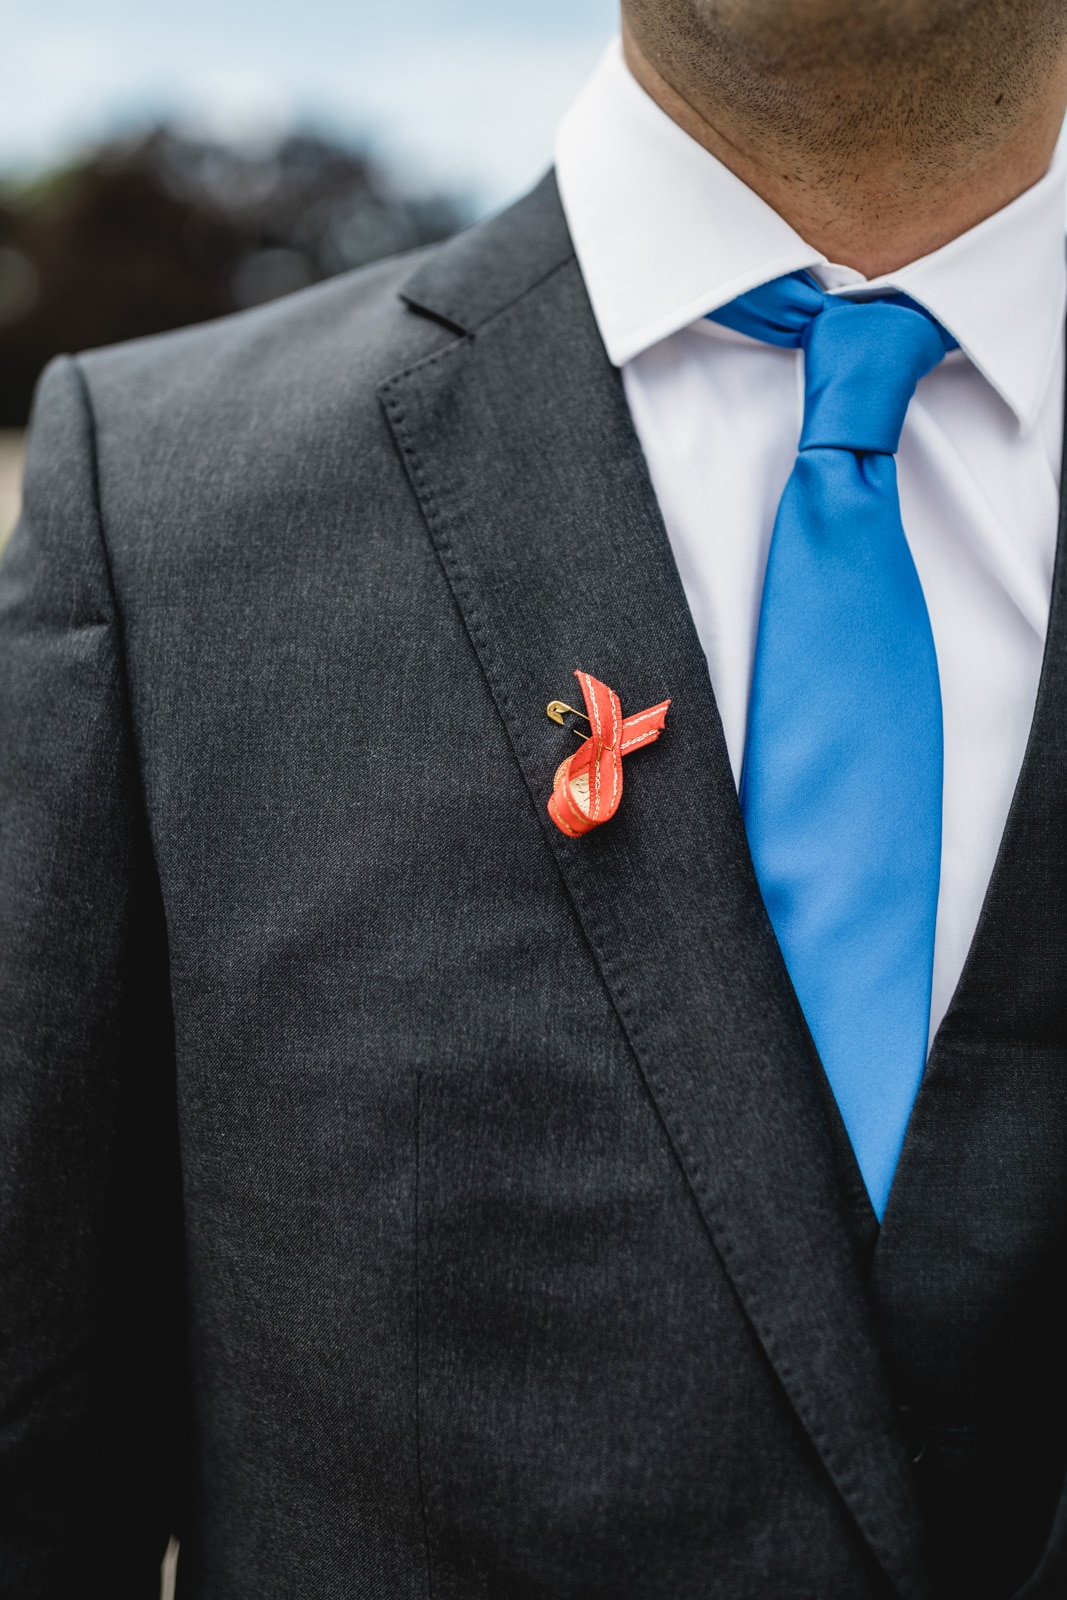 Pin auf dem Hochzeitsanzug nach türkischer Tradition